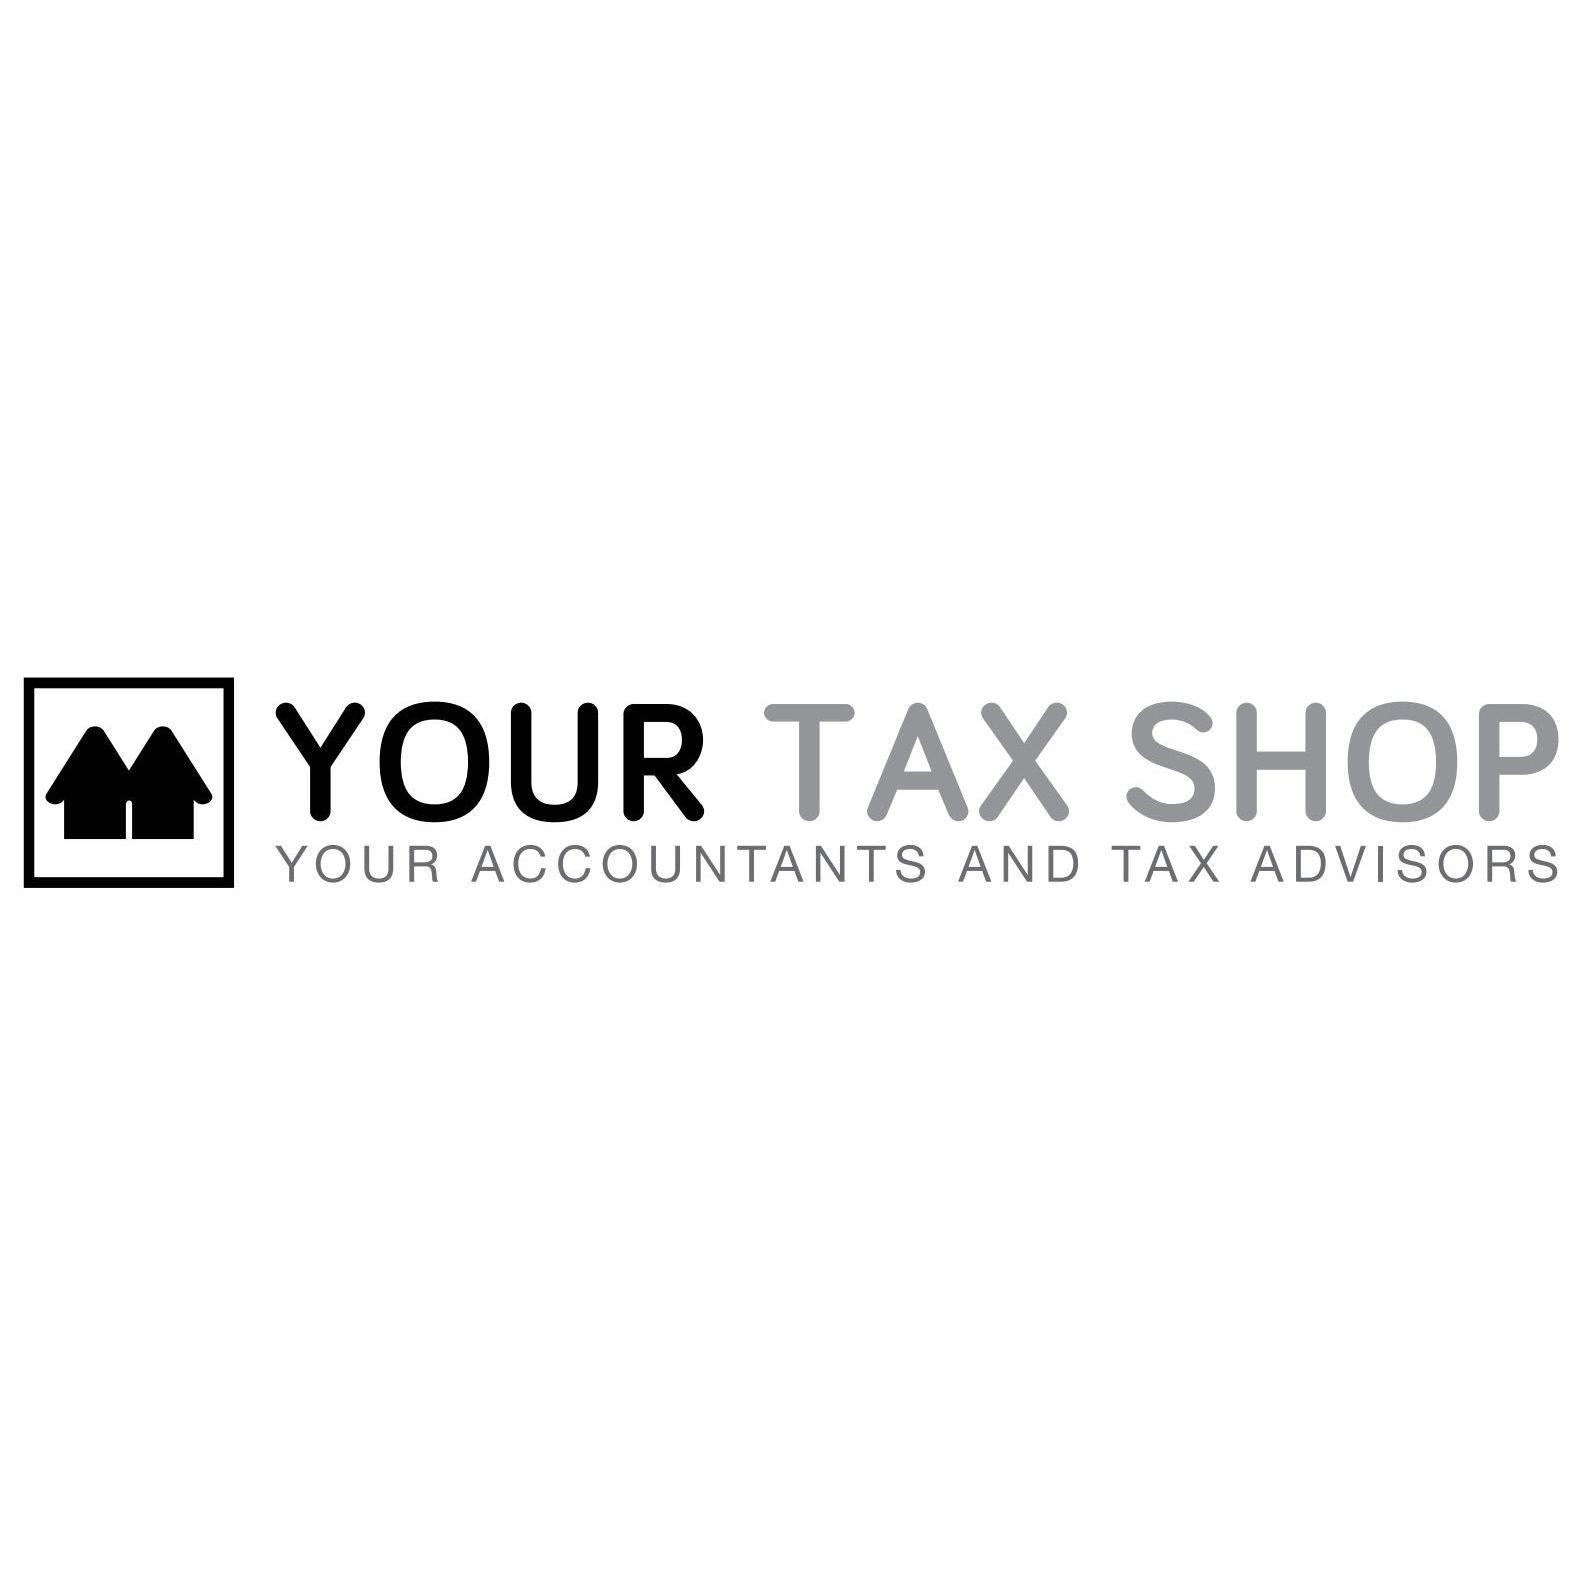 Your Tax Shop Ltd - Ashton-Under-Lyne, Lancashire  - 01613 395689 | ShowMeLocal.com